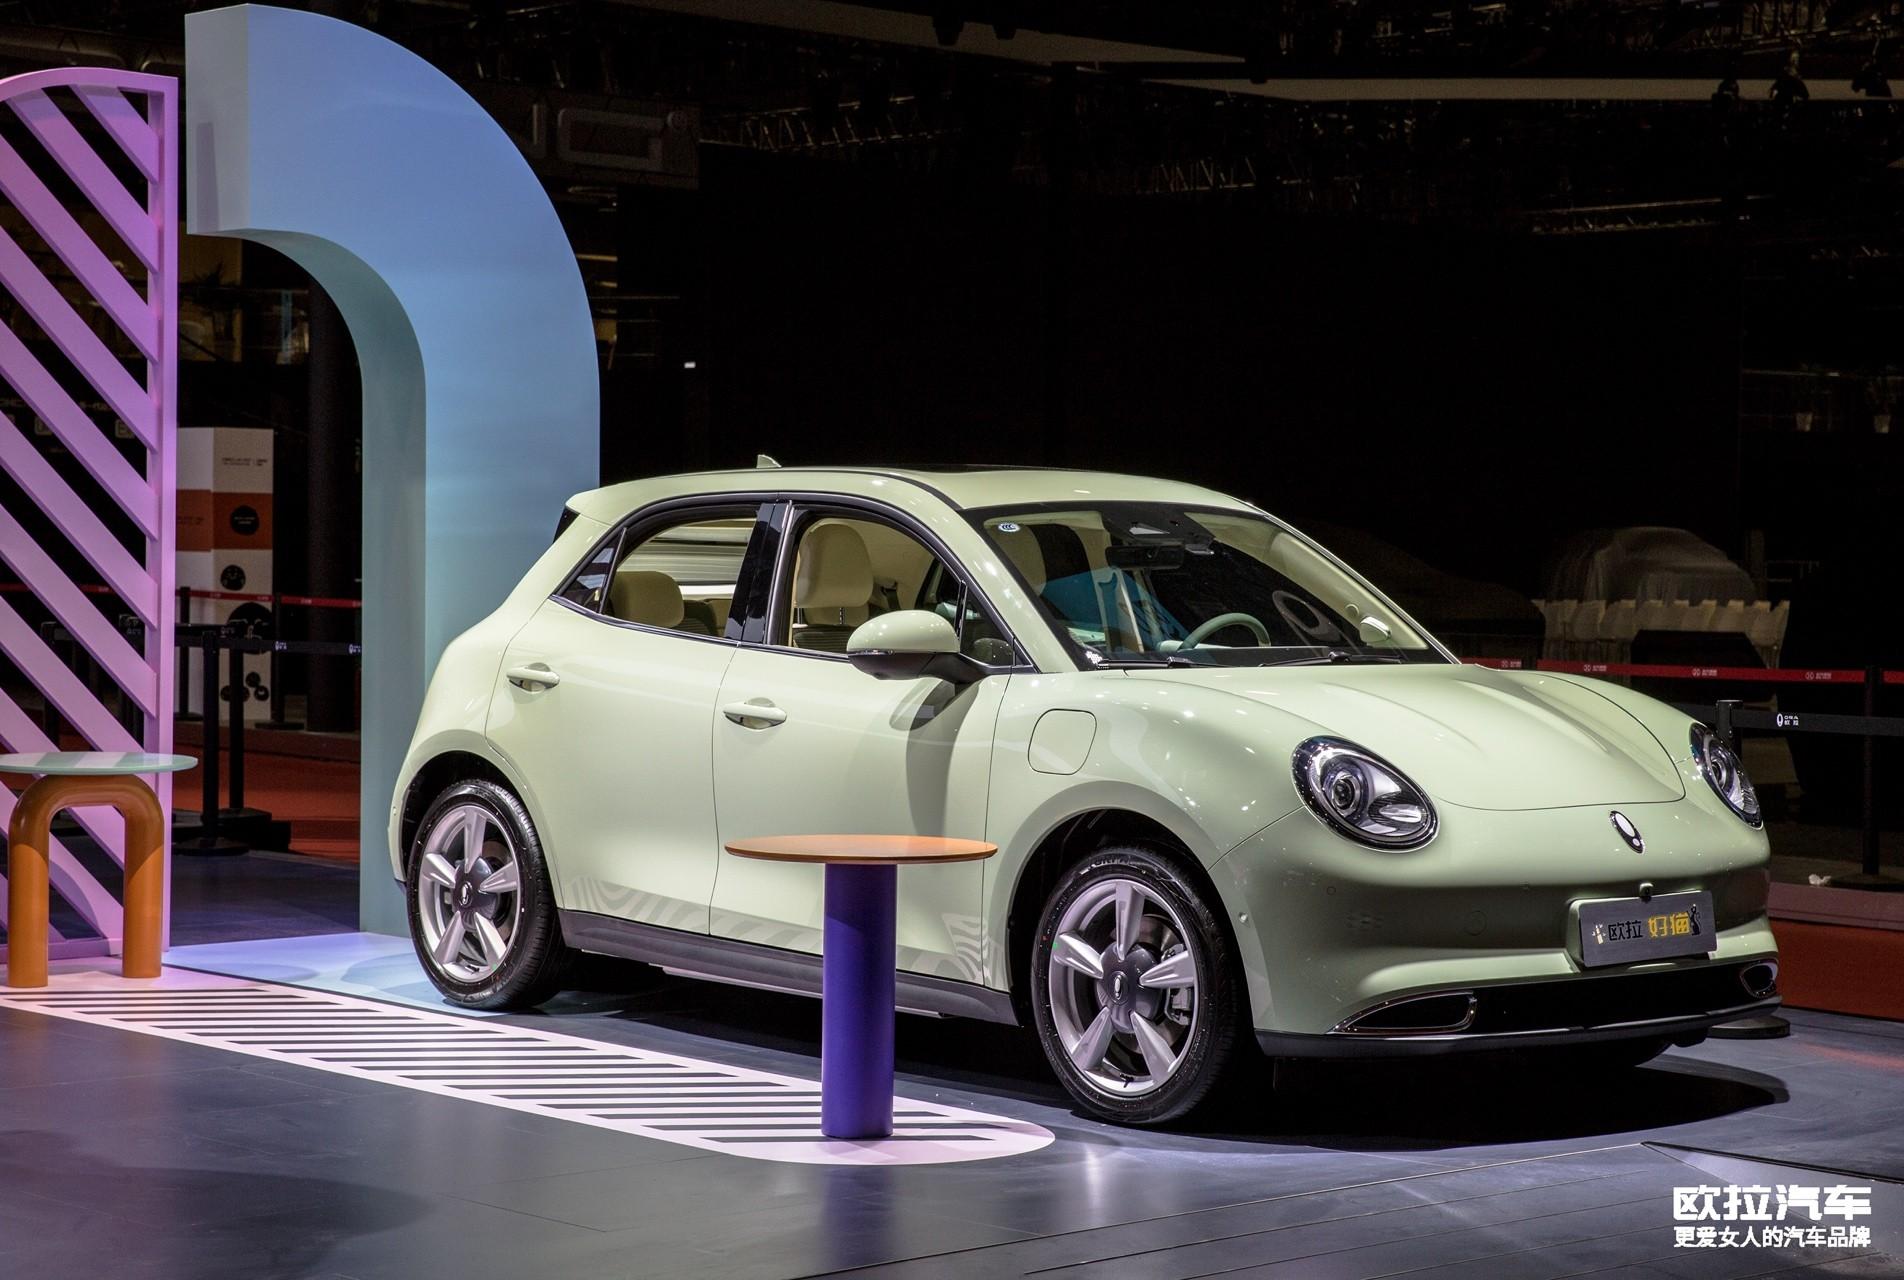 引领消费新范式,欧拉开启中国汽车订阅化服务新时代!-第7张图片-汽车笔记网